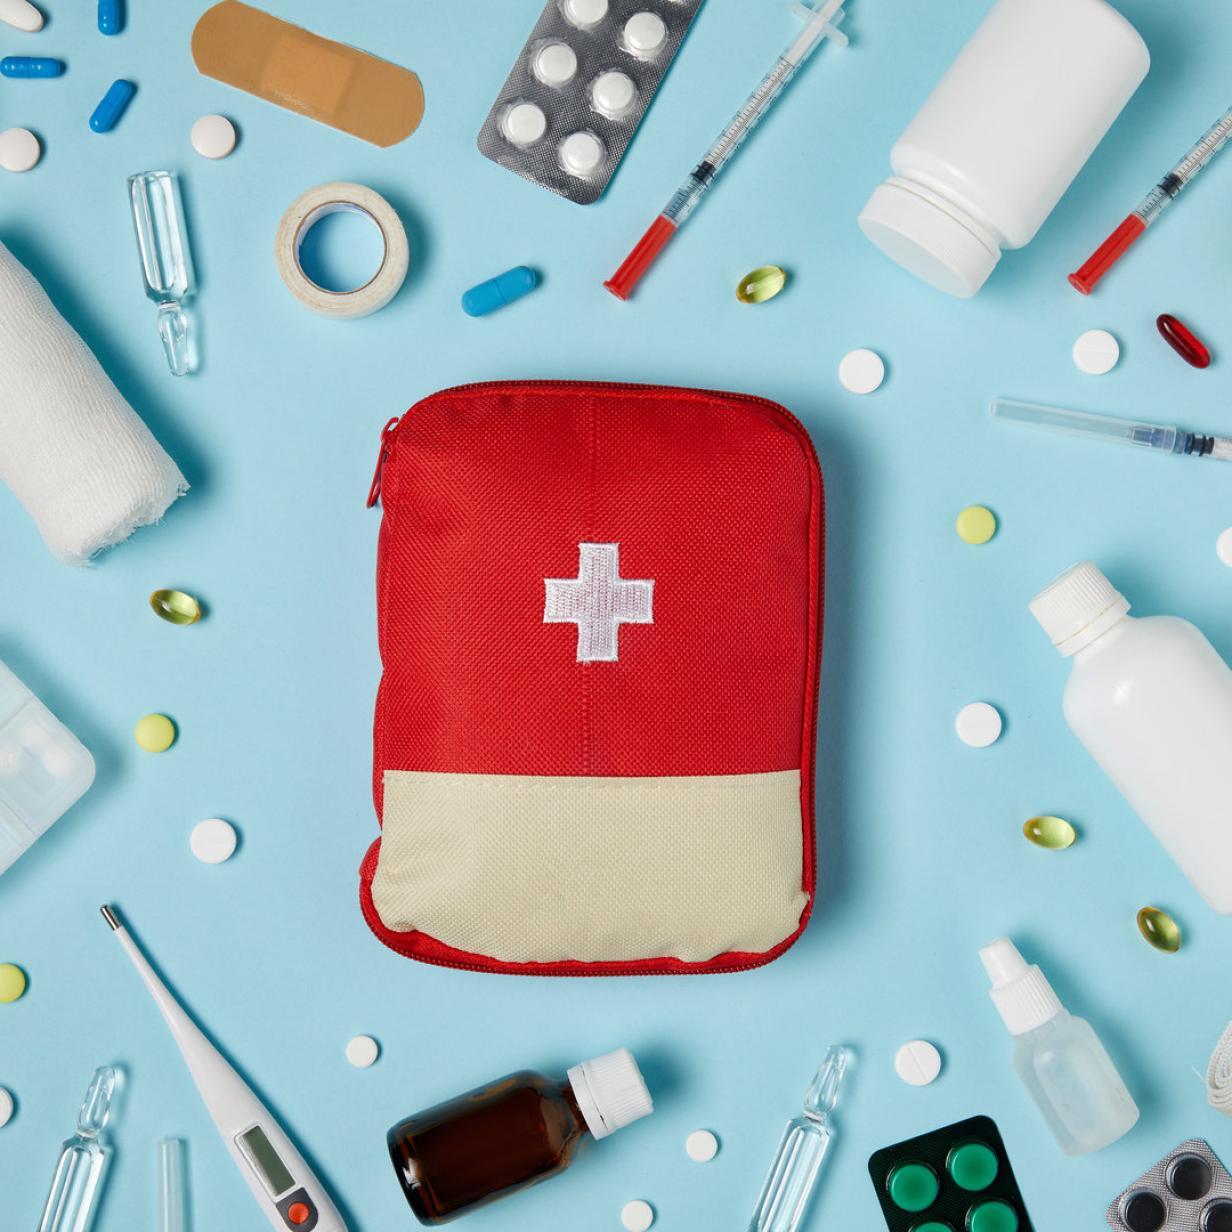 Reiseapotheke: Diese Medikamente gehören ins Urlaubsgepäck